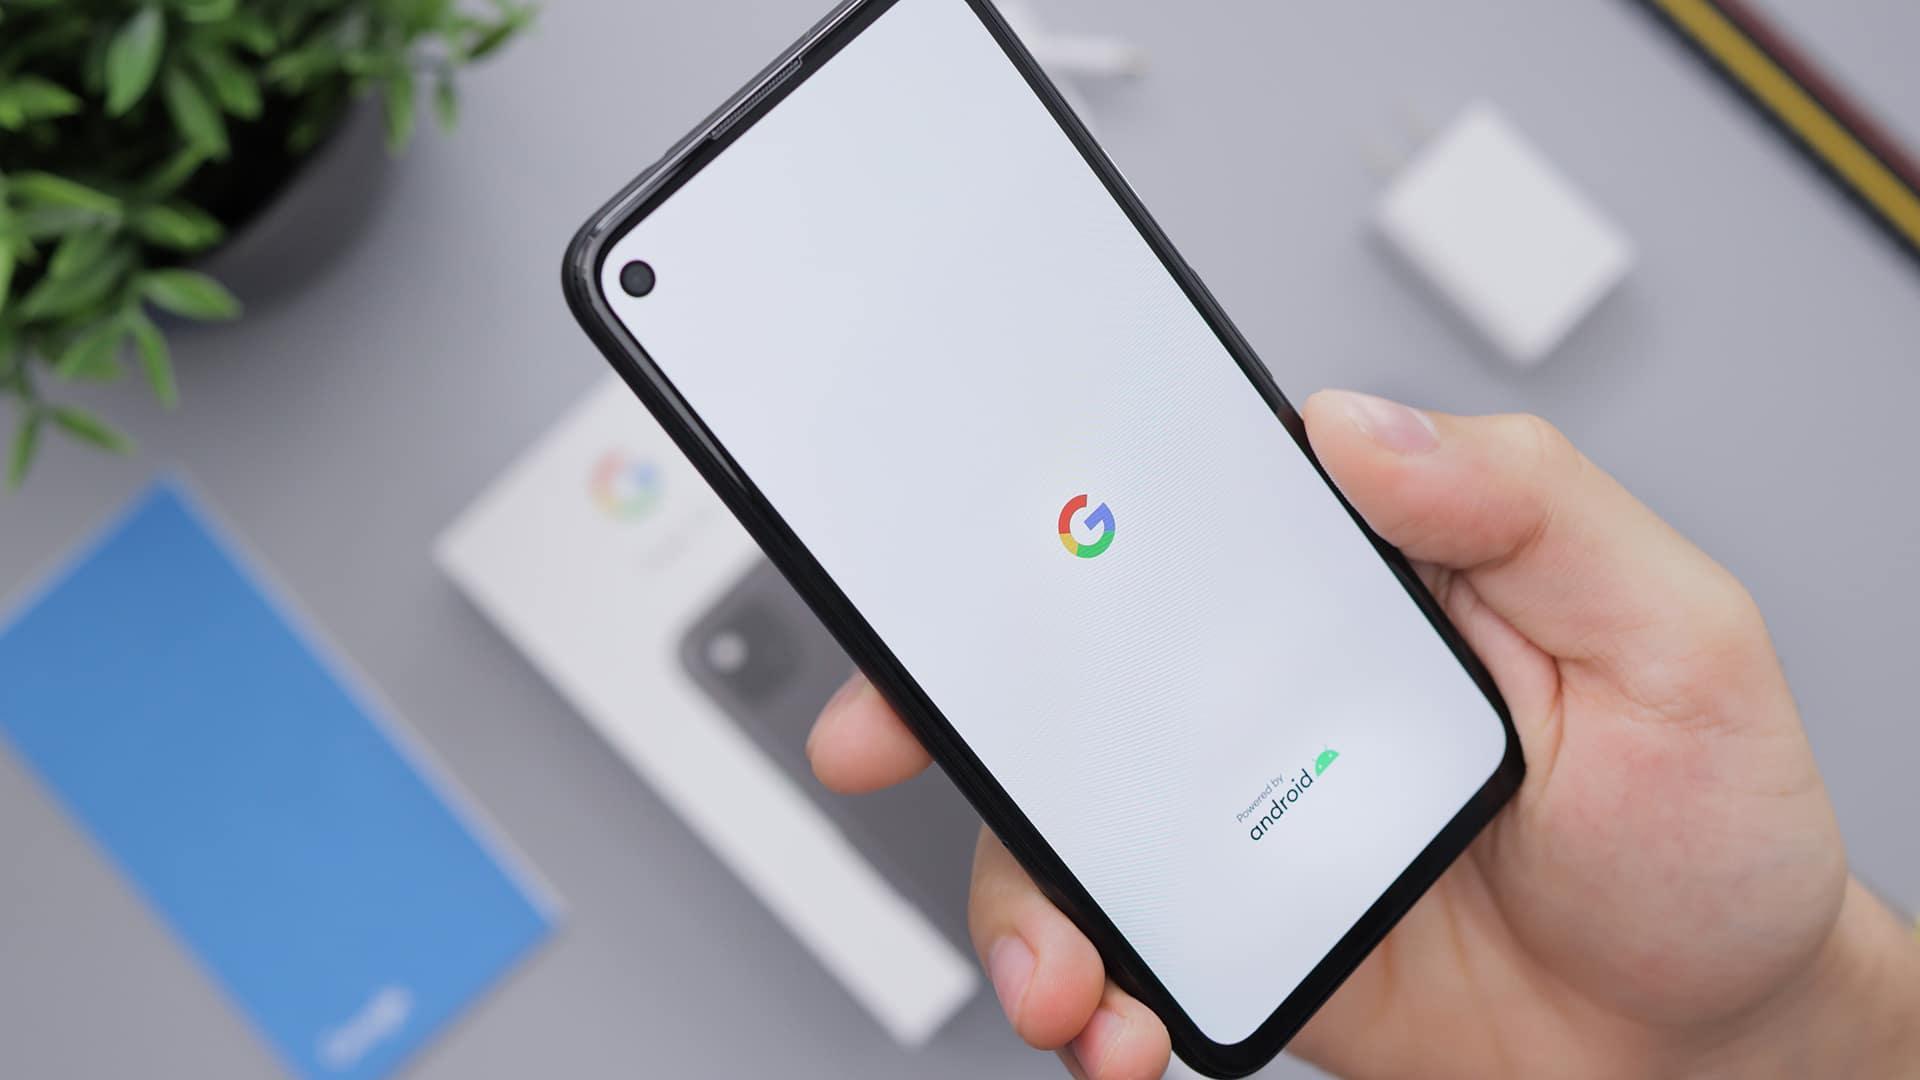 L'authentification à deux facteurs de votre compte Google sera bientôt activée par défaut.